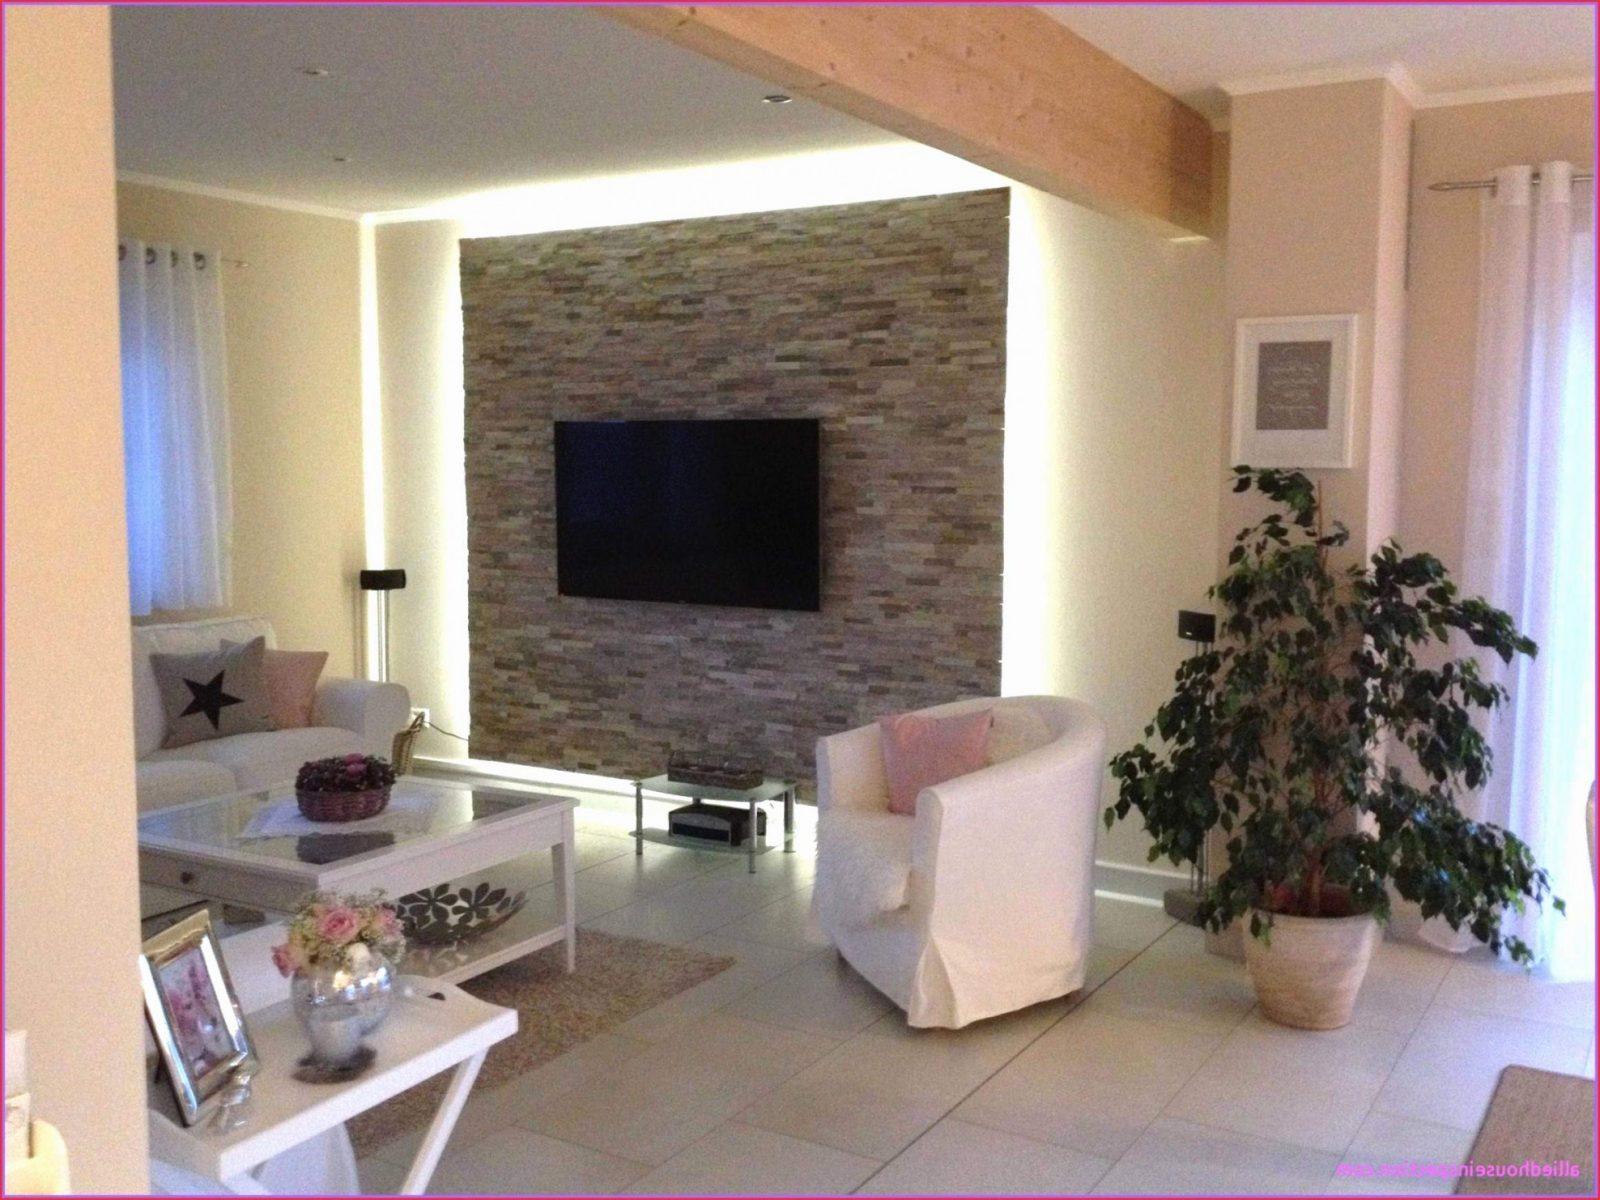 Wohnzimmer Pflanzen Frisch Deko Bilder Wohnzimmer Elegant von Pflanzen Dekoration Wohnzimmer Bild